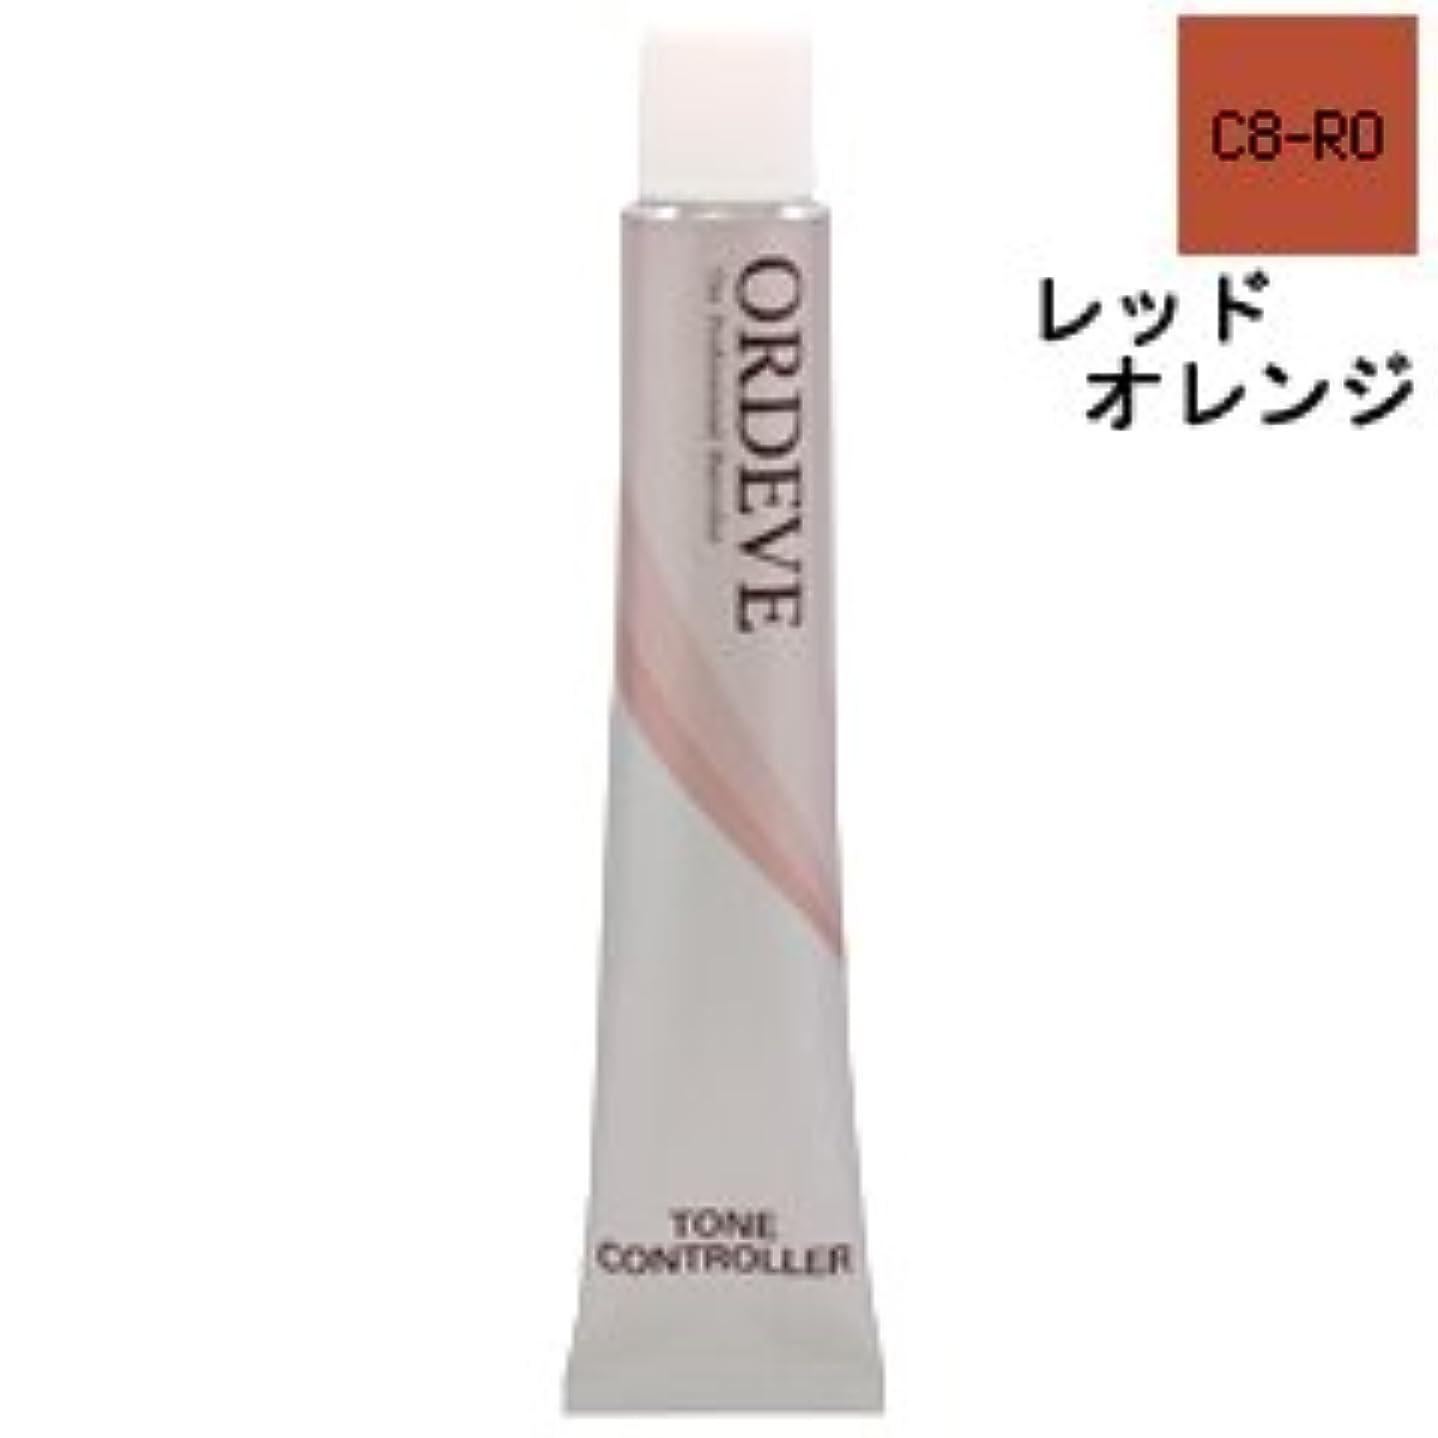 【ミルボン】オルディーブ トーンコントローラー #C8-RO レッドオレンジ 80g